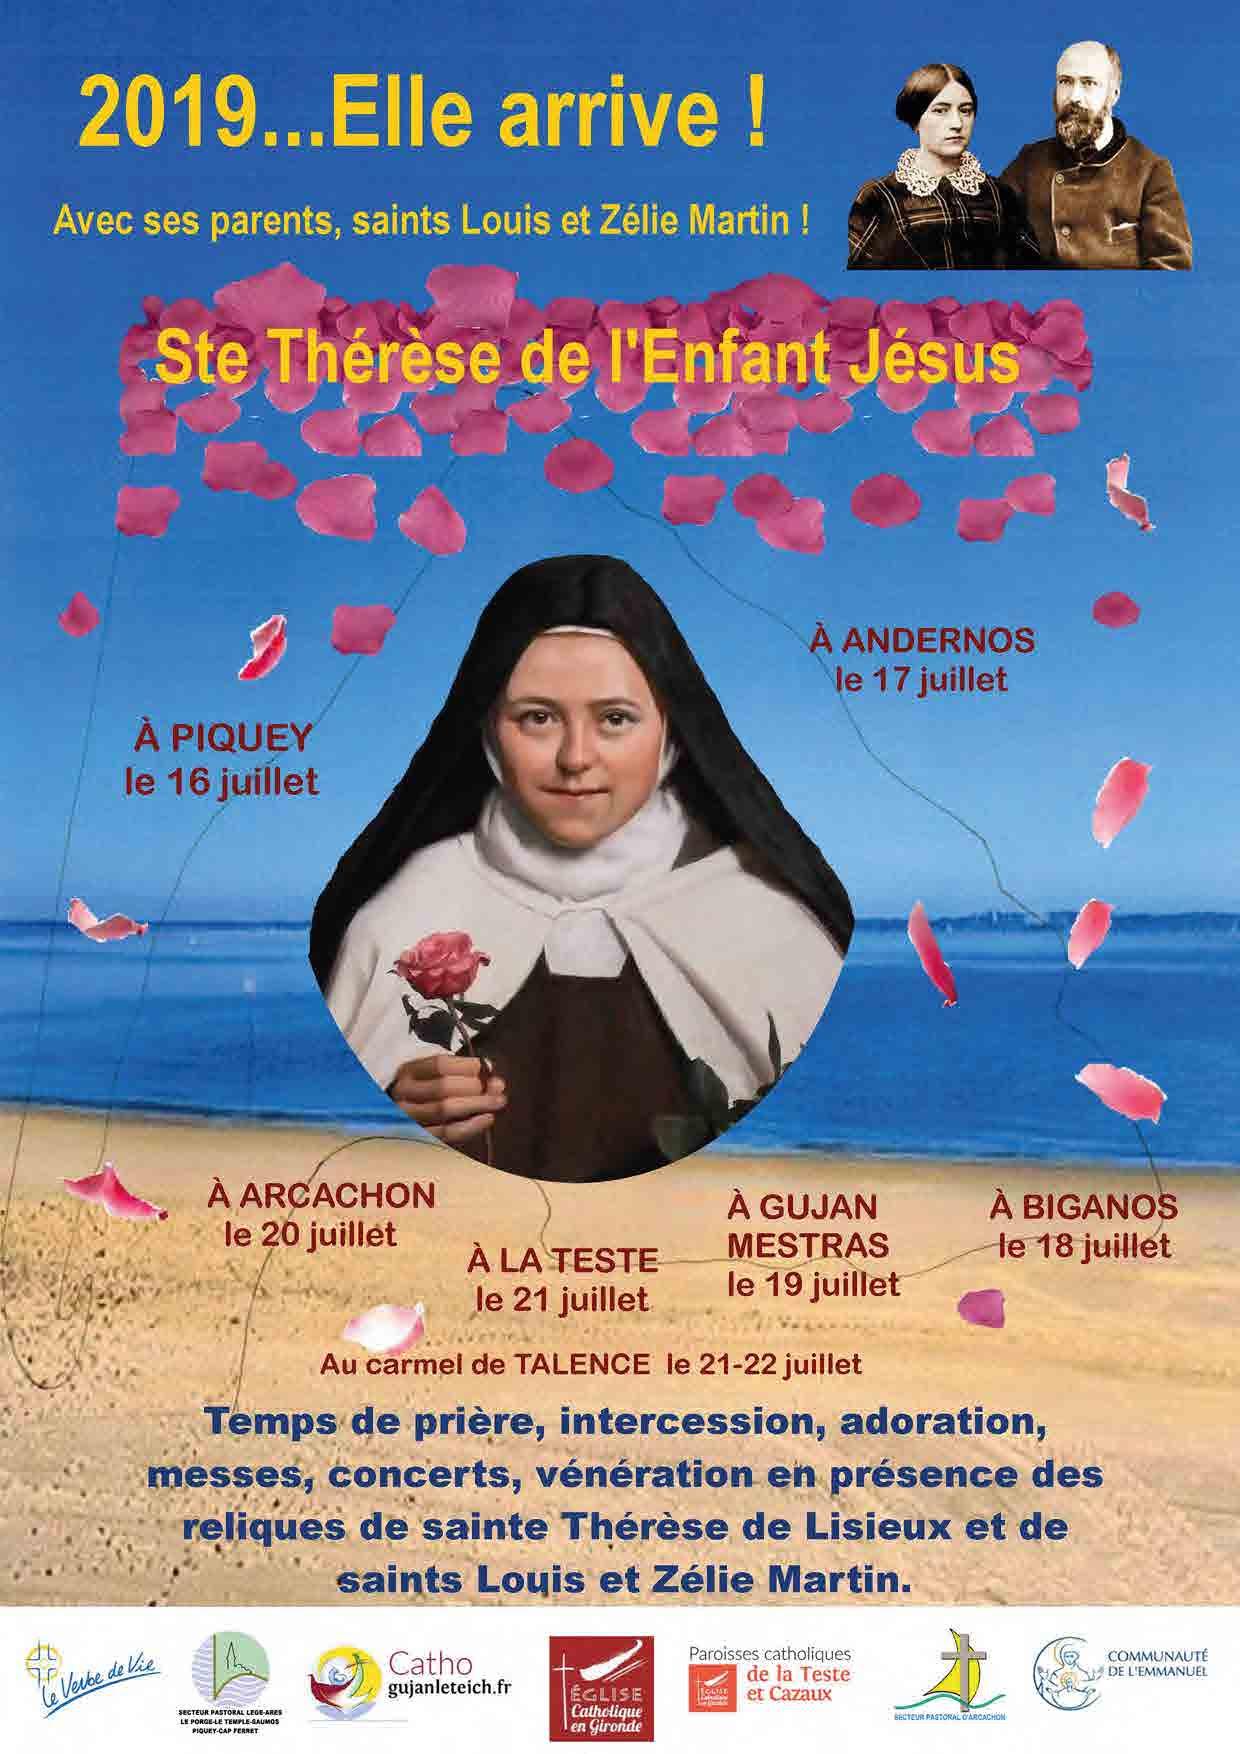 Mission Thérèsienne sur le Bassin d'Arcachon et Bordeaux (33) du 15 au 27 juillet 2019